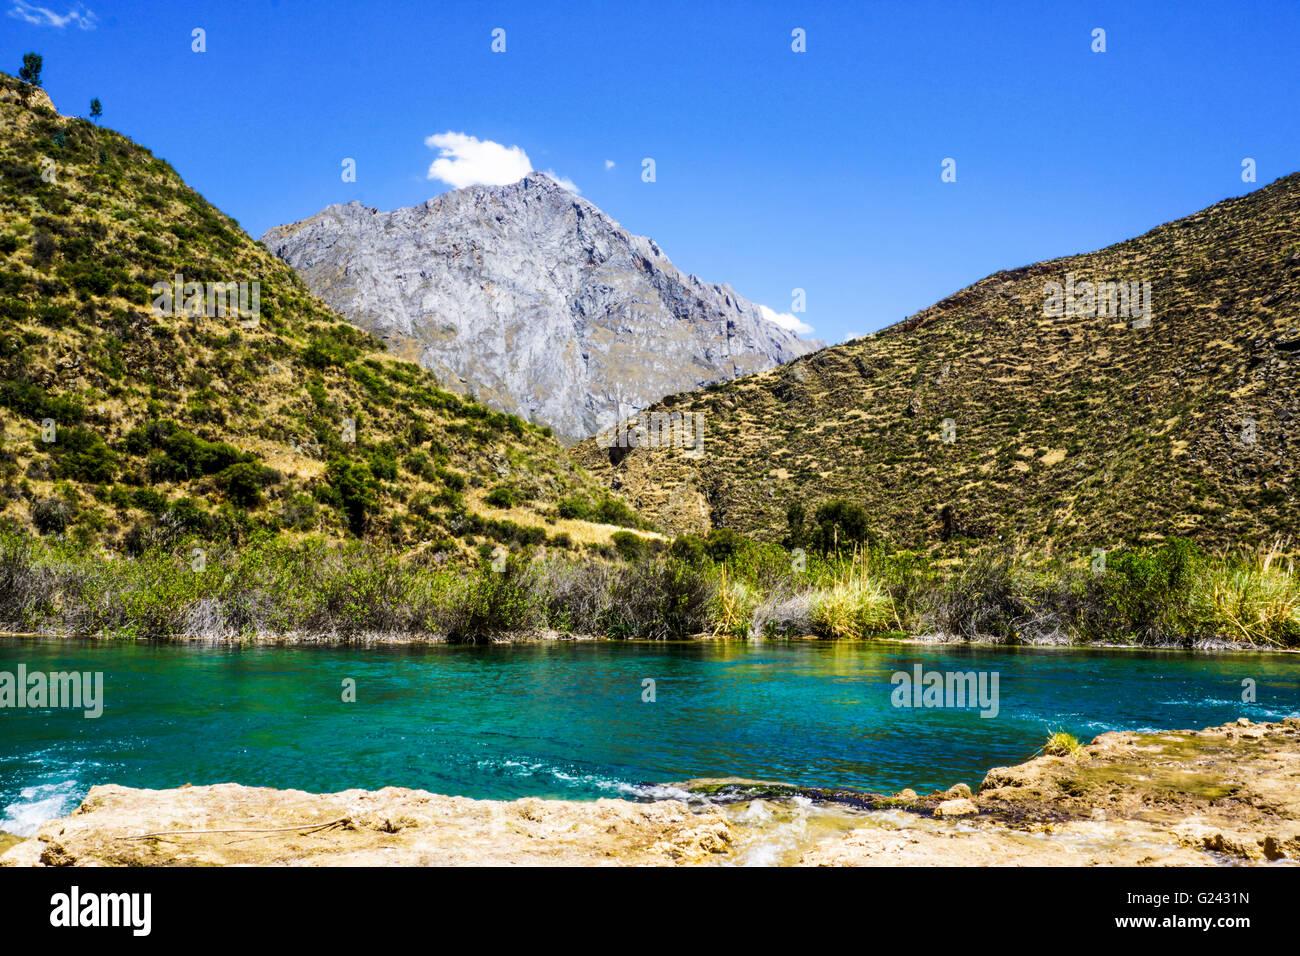 Wasserlandschaft in den peruanischen Anden. Fotografiert in der Nähe von Huancayo, Peru Stockbild